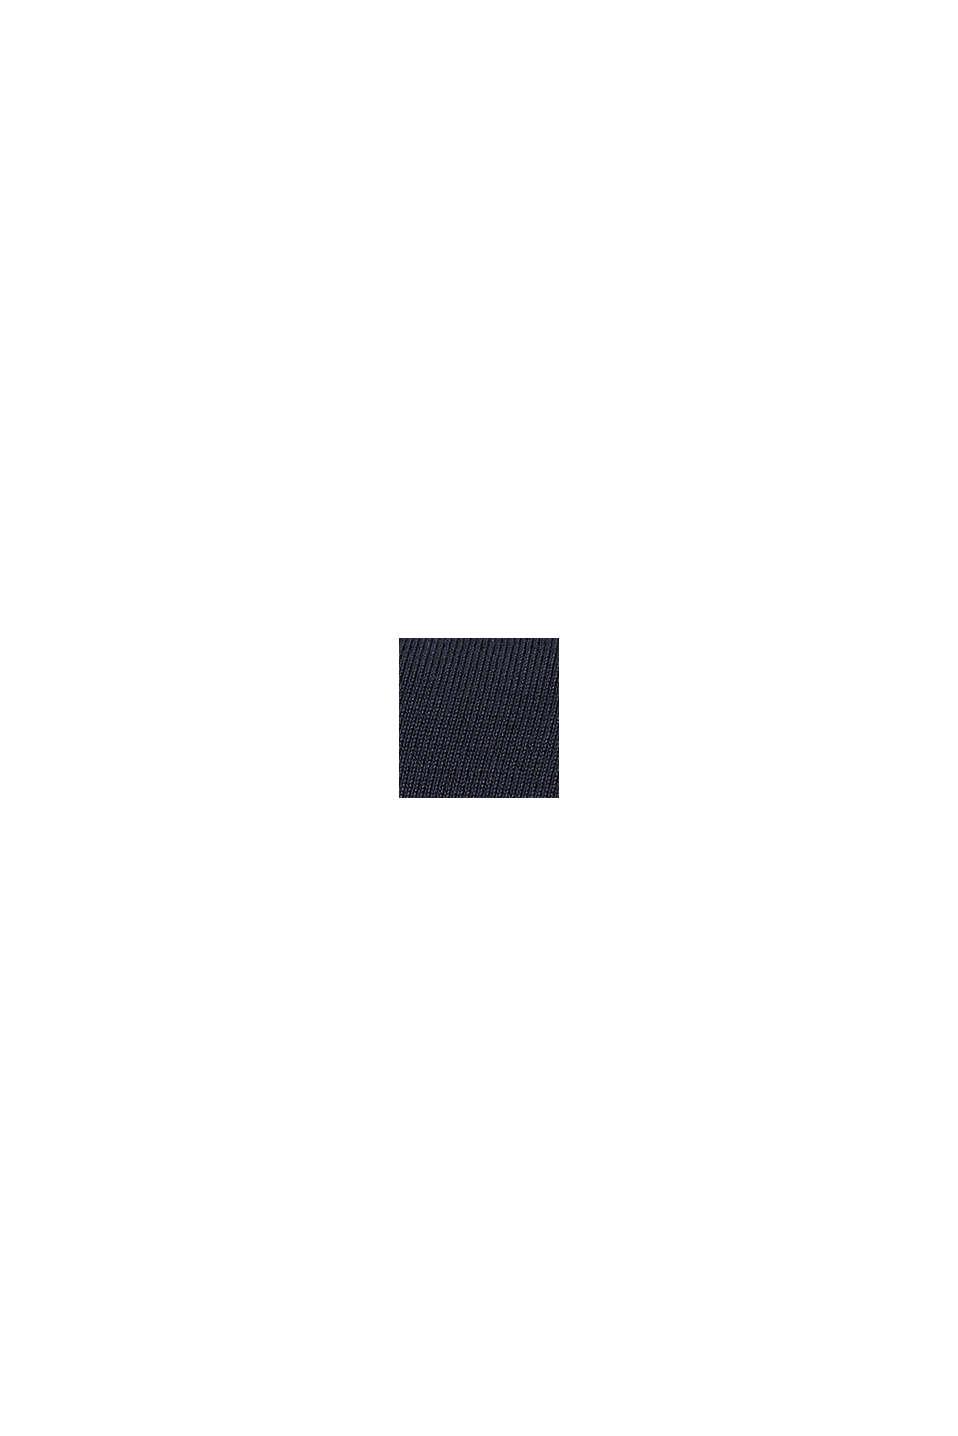 Jersey de algodón ecológico con bloques de colores, NAVY, swatch